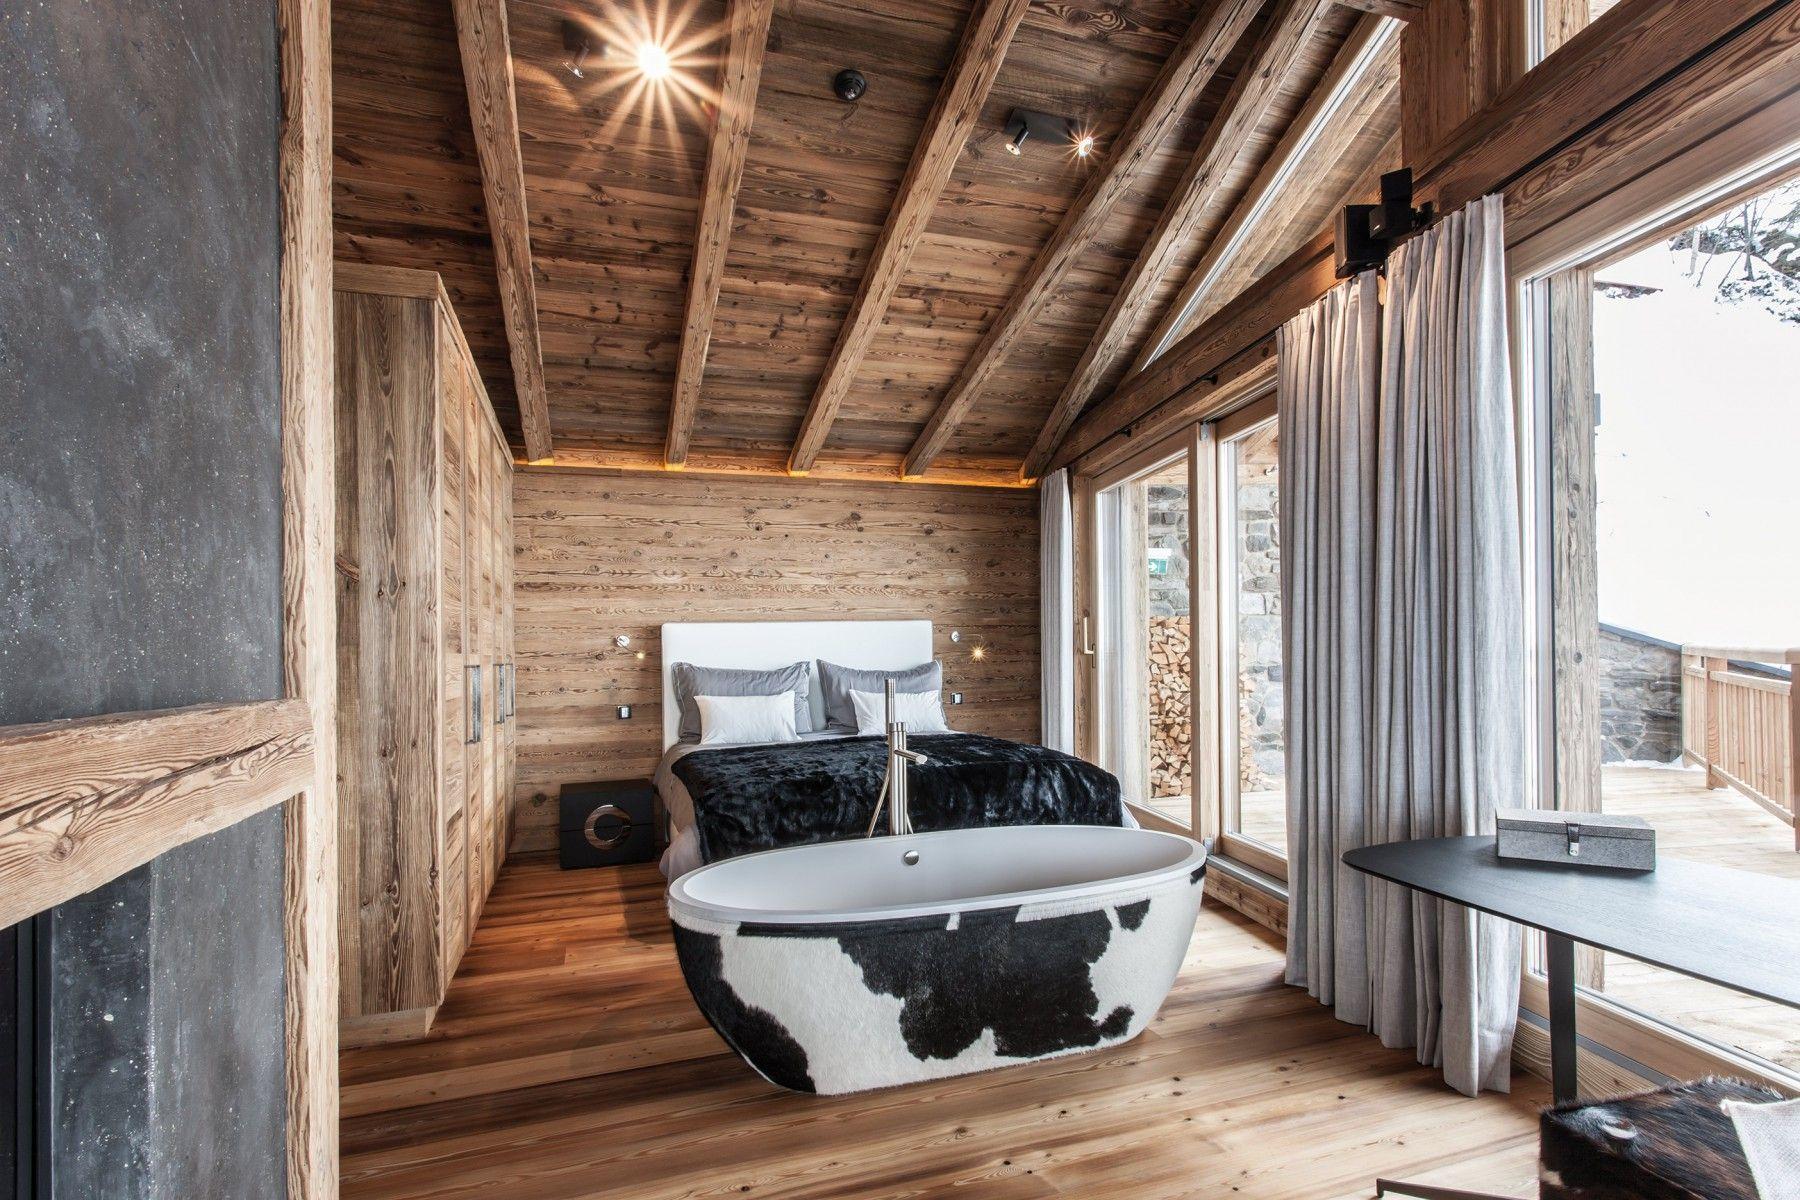 Luxus Ferienhäuser Und Ski Chalets In Den Europäischen Alpen Mieten. Buchen  Sie Jetzt Ein Exklusives Ferienhaus Oder Appartement Für Ihren Luxus  Ski Urlaub!